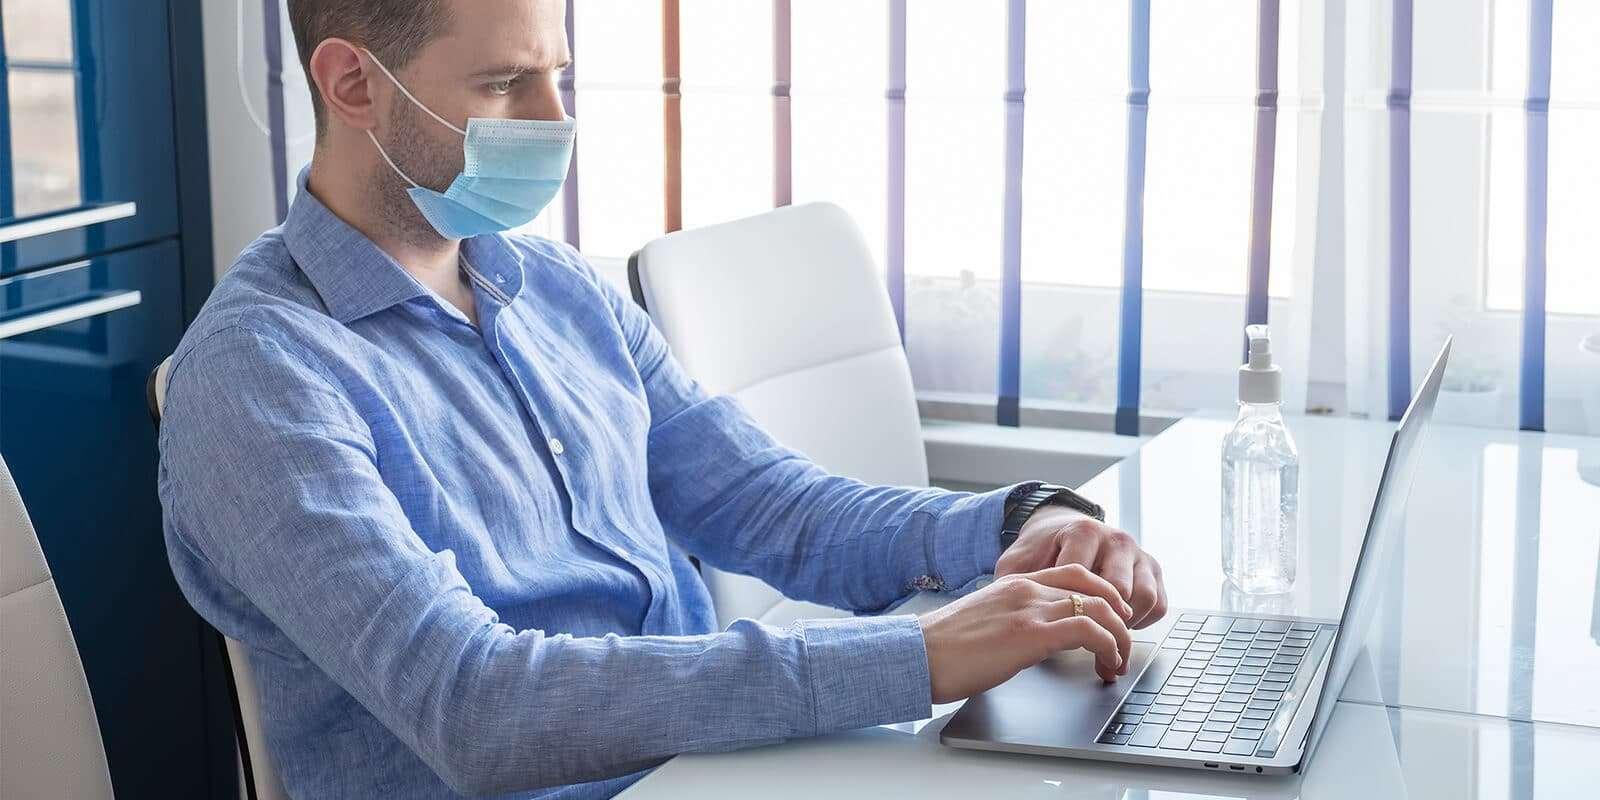 Koronawirus – przymus czy przywilej prowadzenia biznesu online?